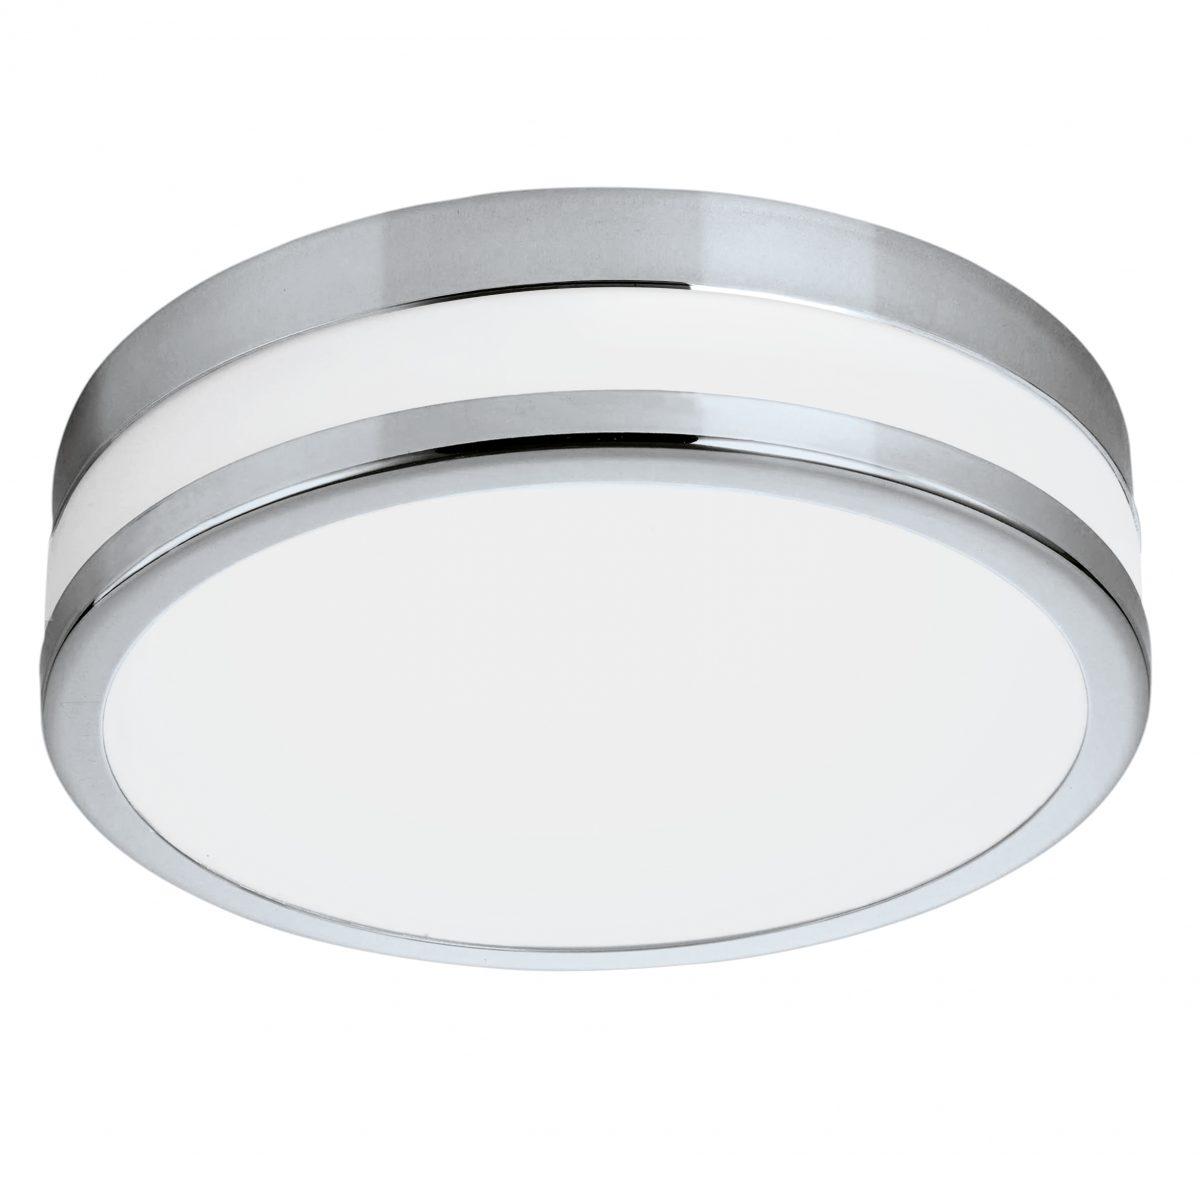 Светильник настенно-потолочный LED PALERMO EGLO 94998 - Фото №28